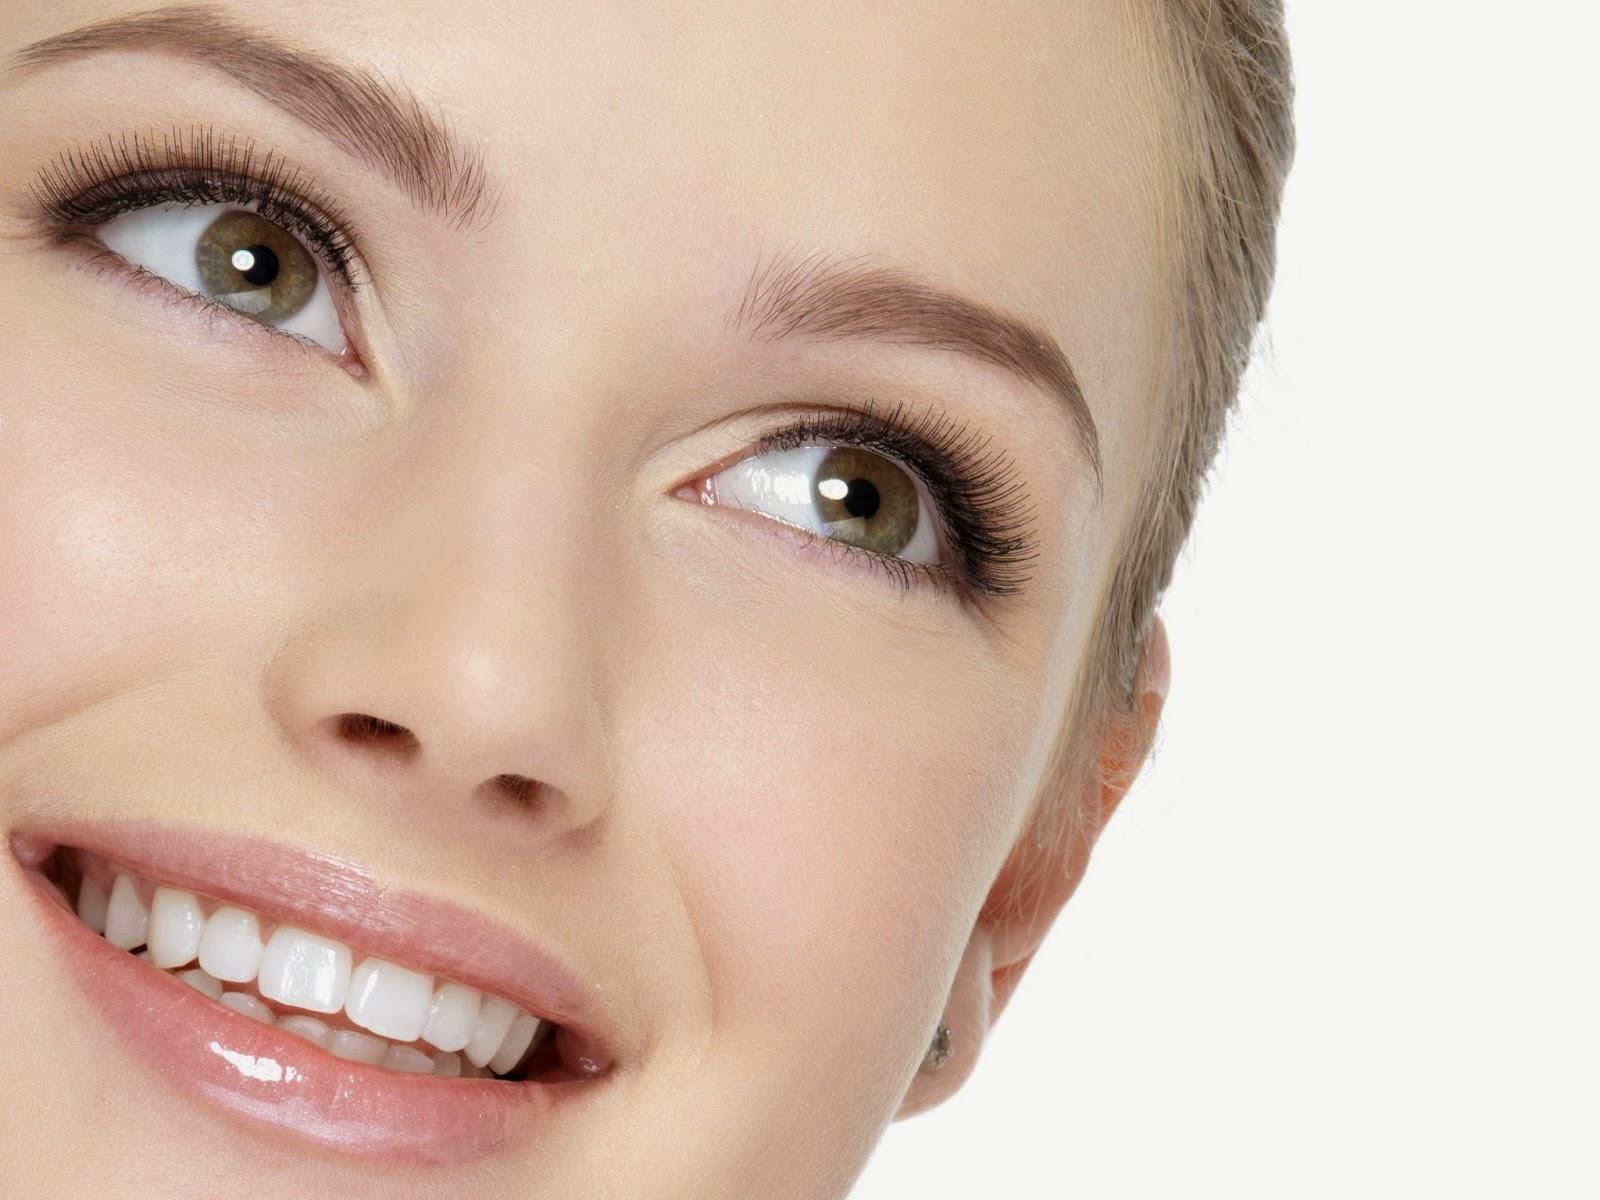 Collagen giúp cải thiện hoạt động của mắt và giác mạc